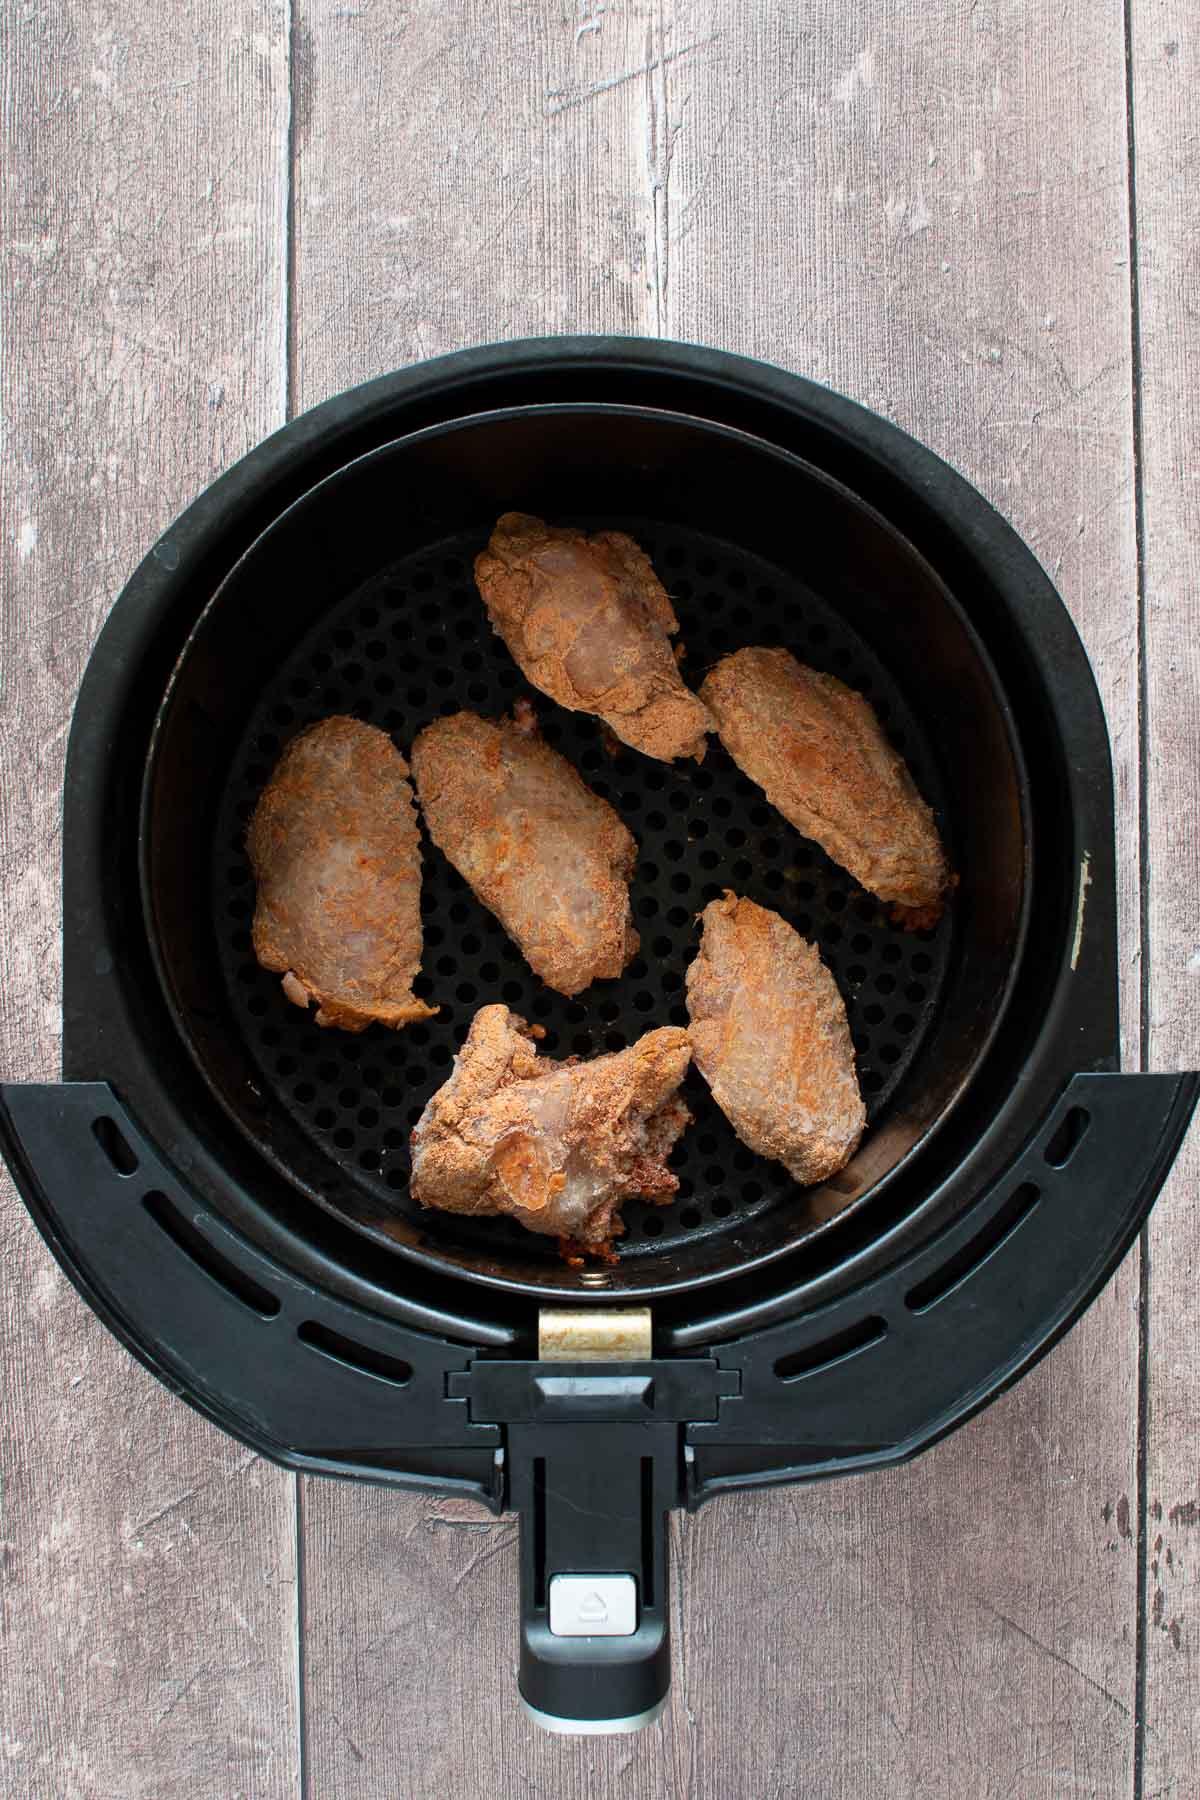 Frozen chicken wings in an air fryer.